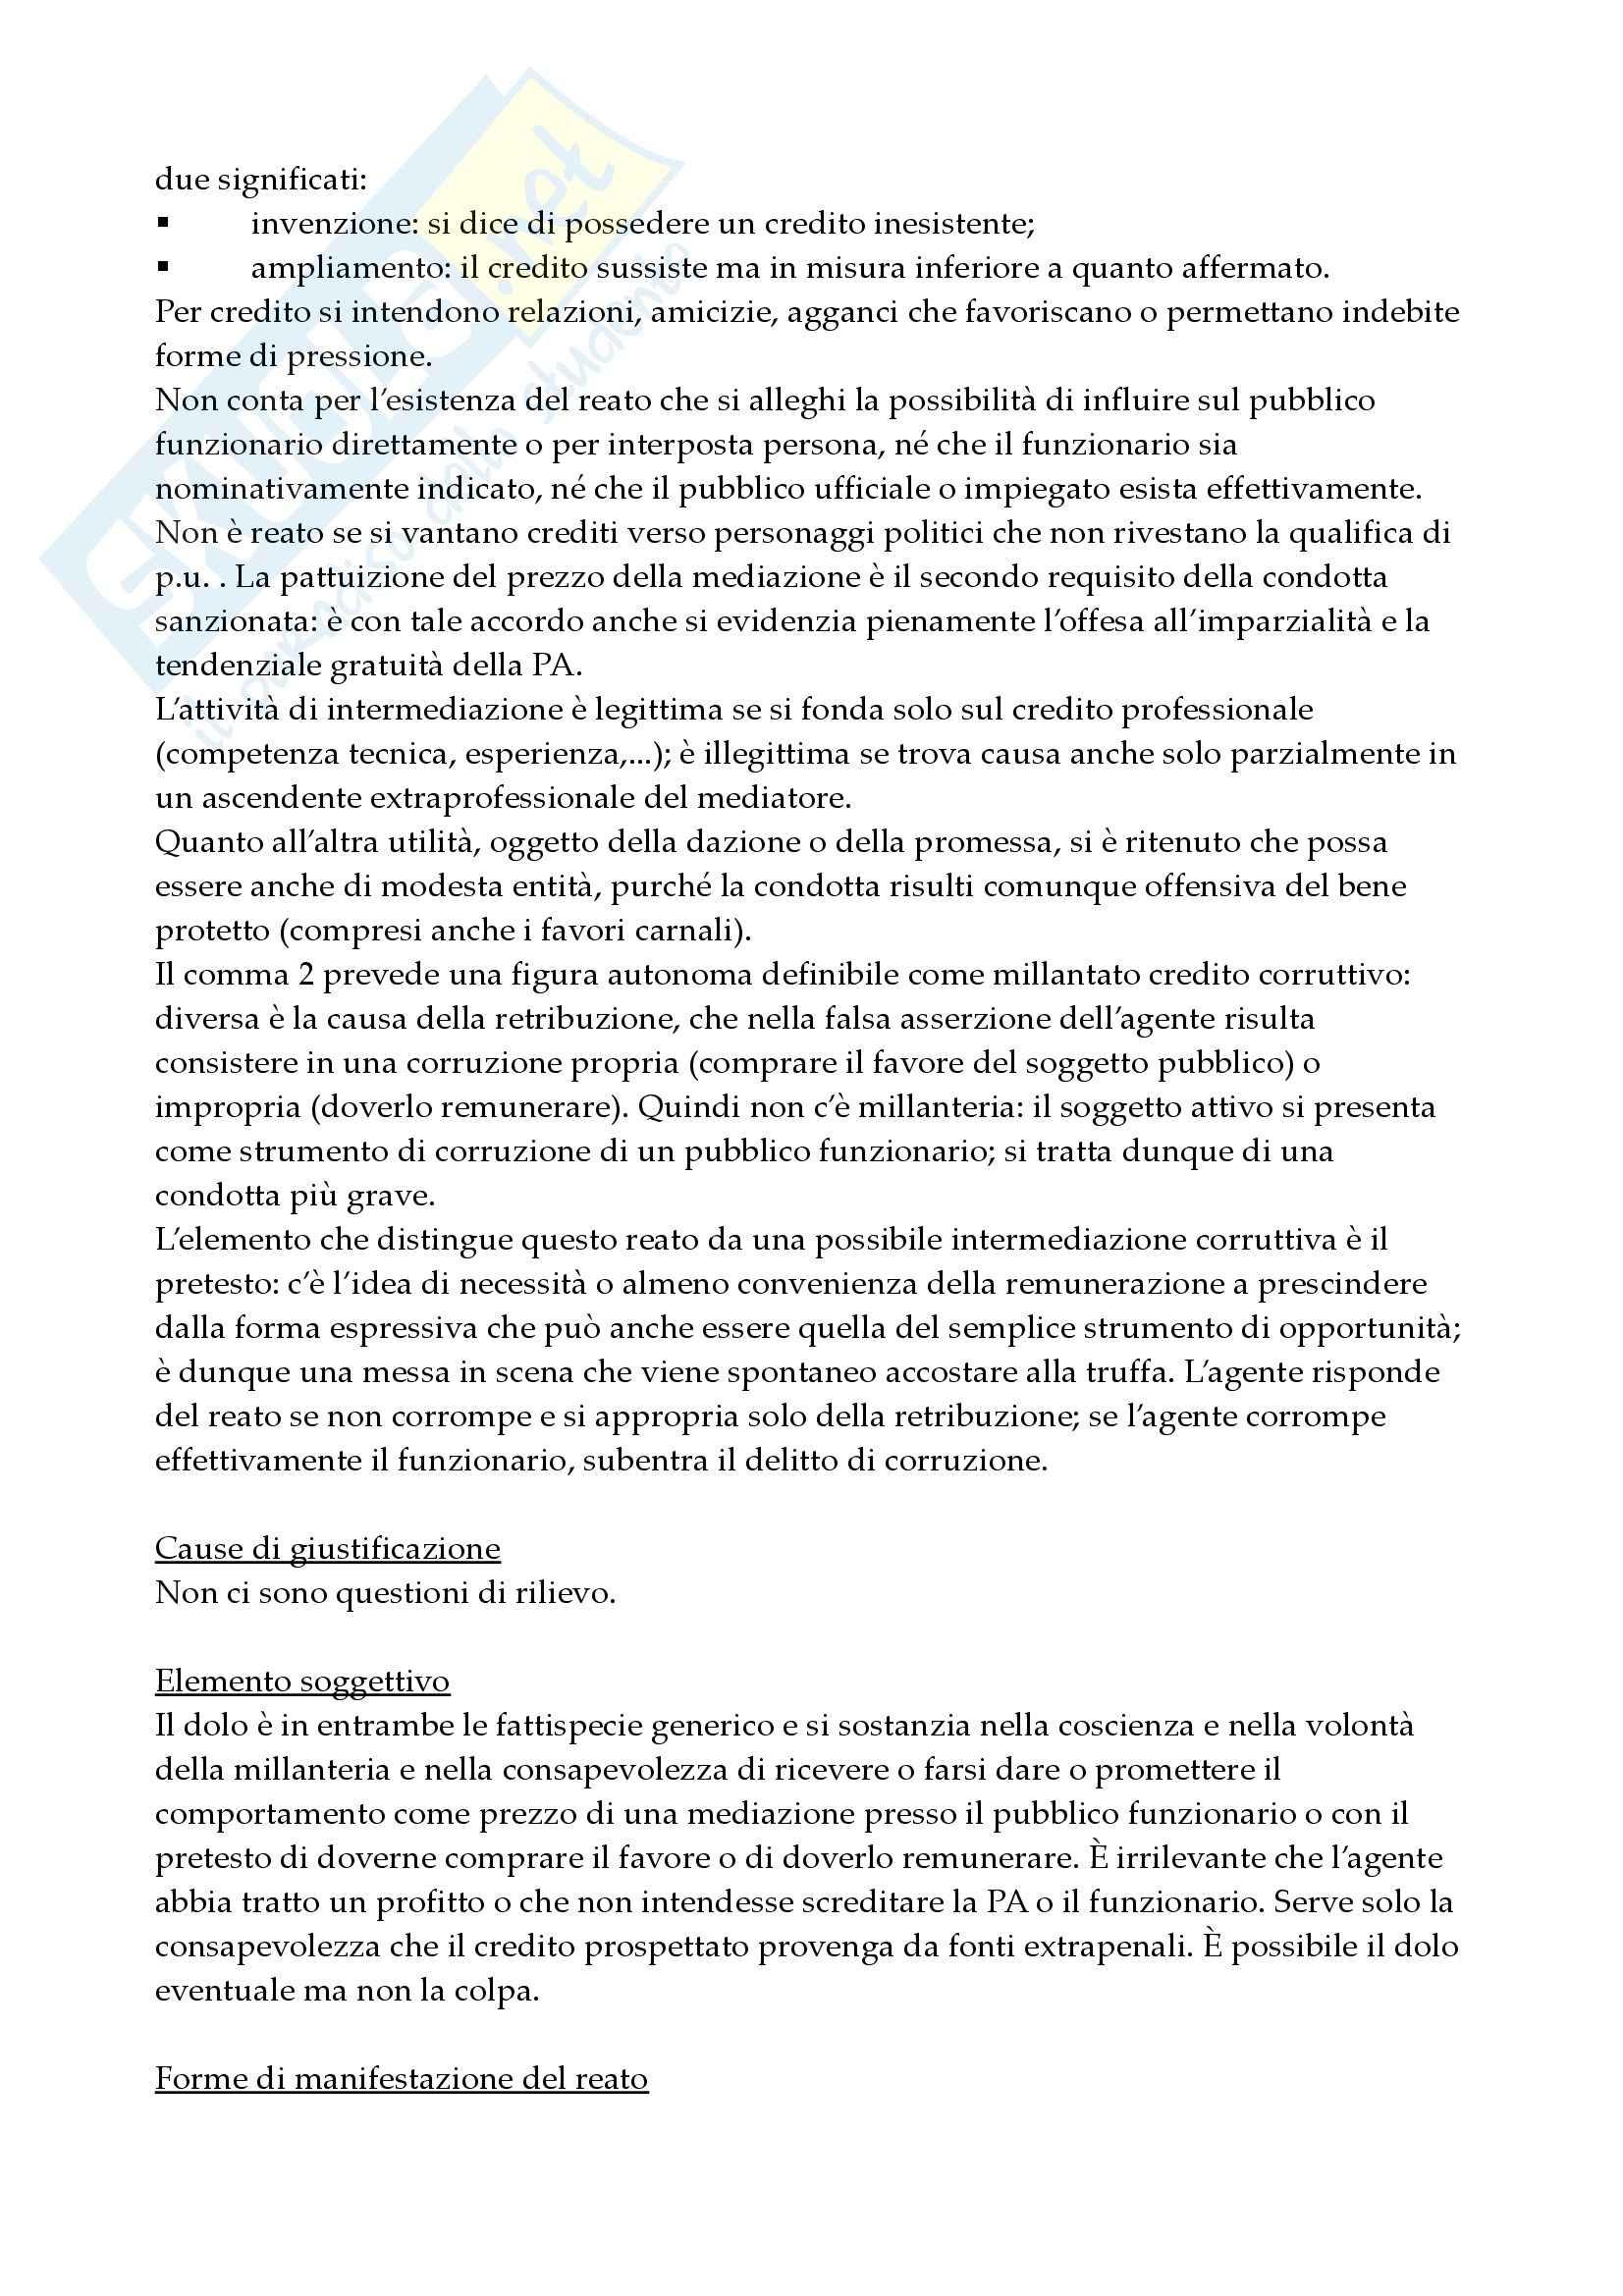 Reati contro la pubblica amministrazione Pag. 71